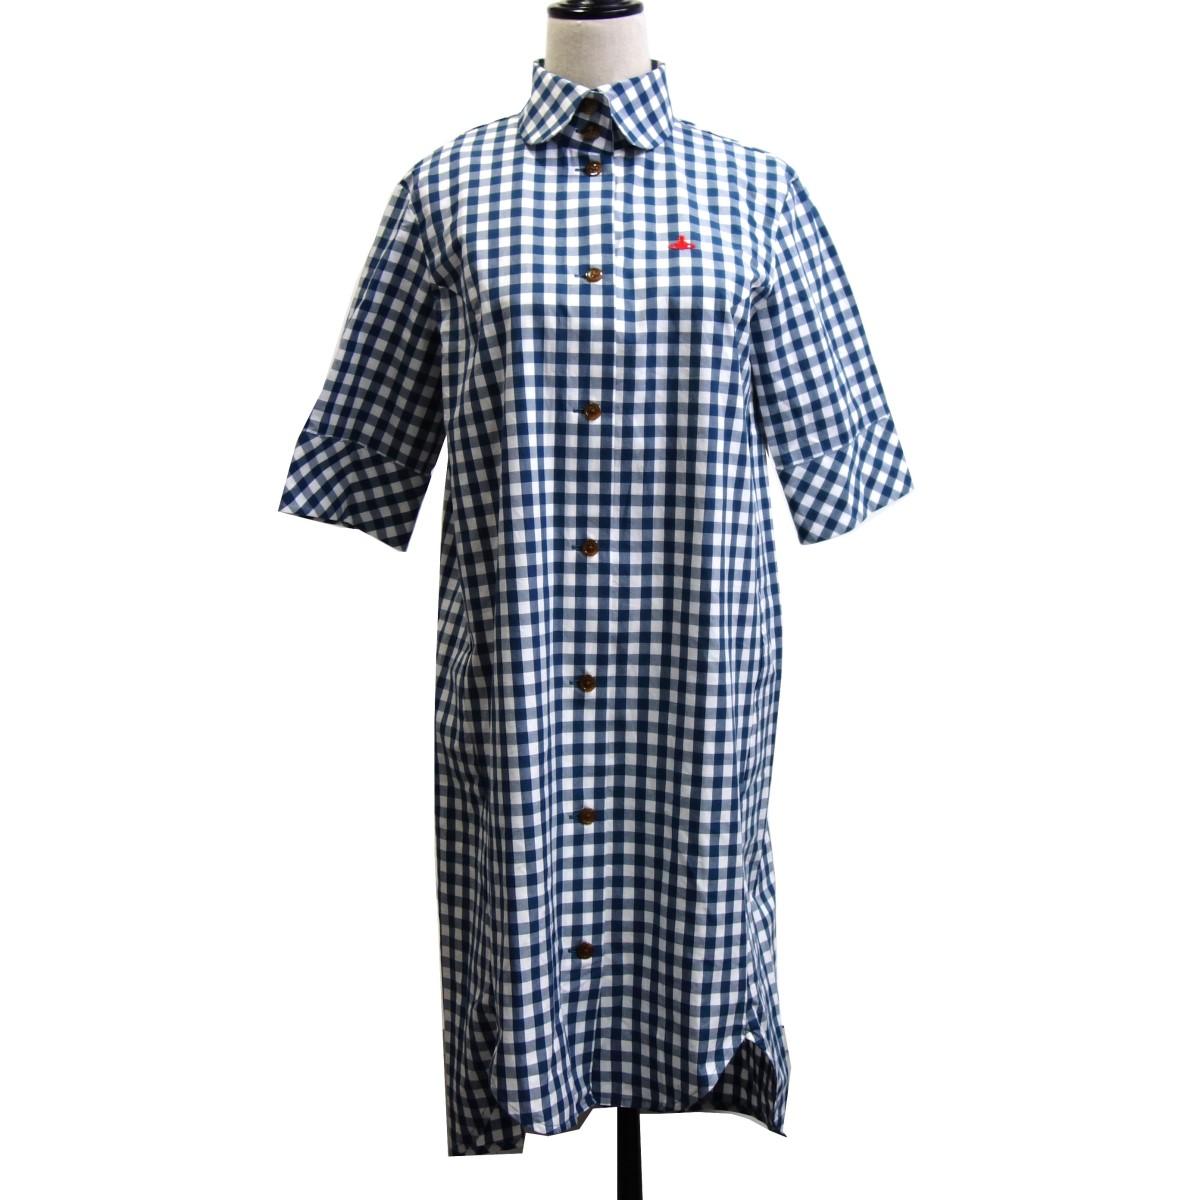 【中古】Vivienne Westwood RED LABEL CHOICE オーブ刺繍ギンガムチェックシャツワンピース ブルー サイズ:2 【090420】(ヴィヴィアンウエストウッド レッドレーベルチョイス)